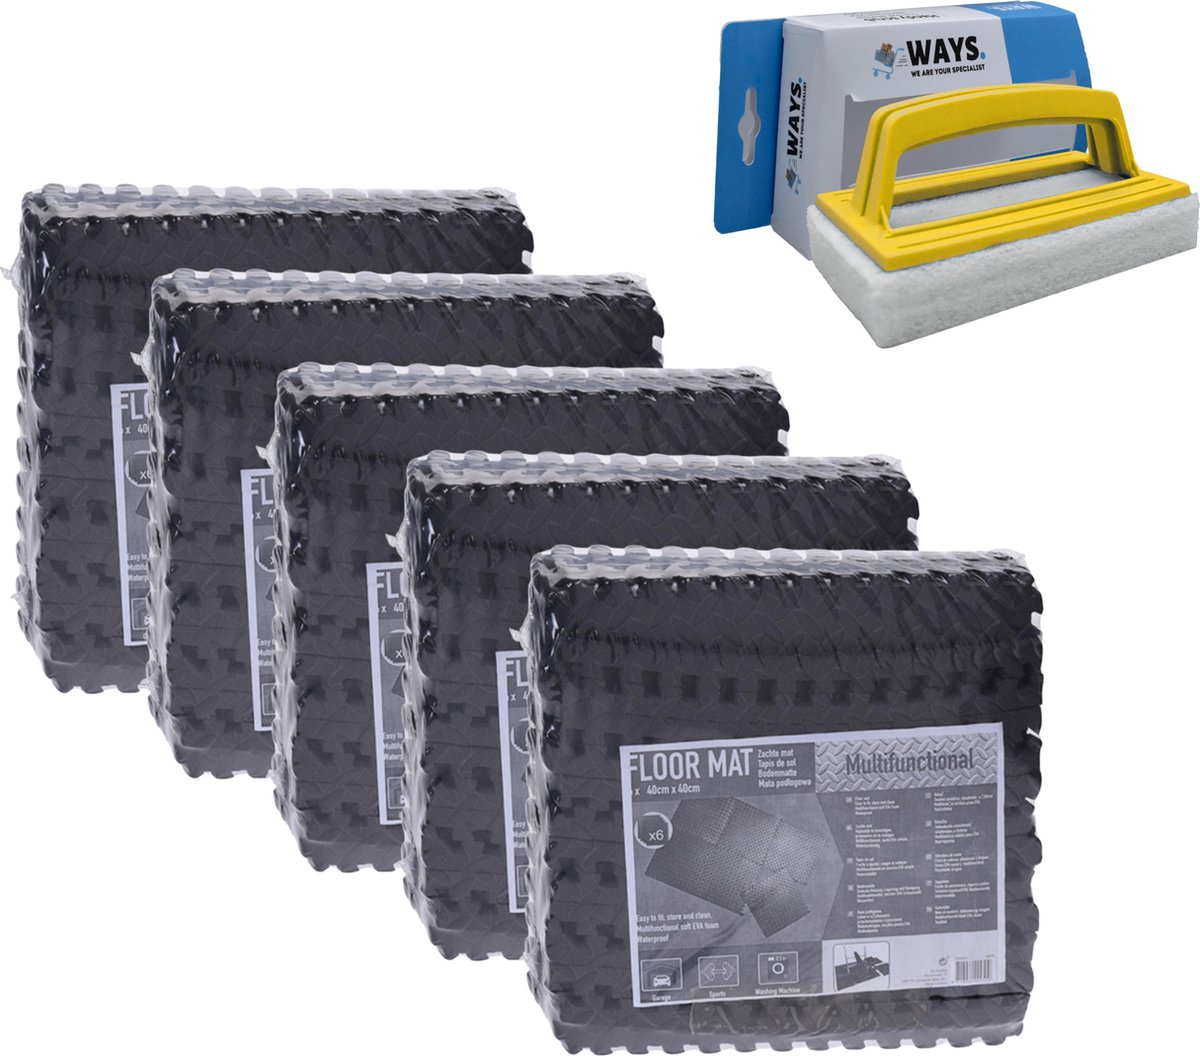 Zwembadtegels - Voordeelverpakking - 5 verpakkingen van 6 tegels - 40x40 cm & WAYS scrubborstel